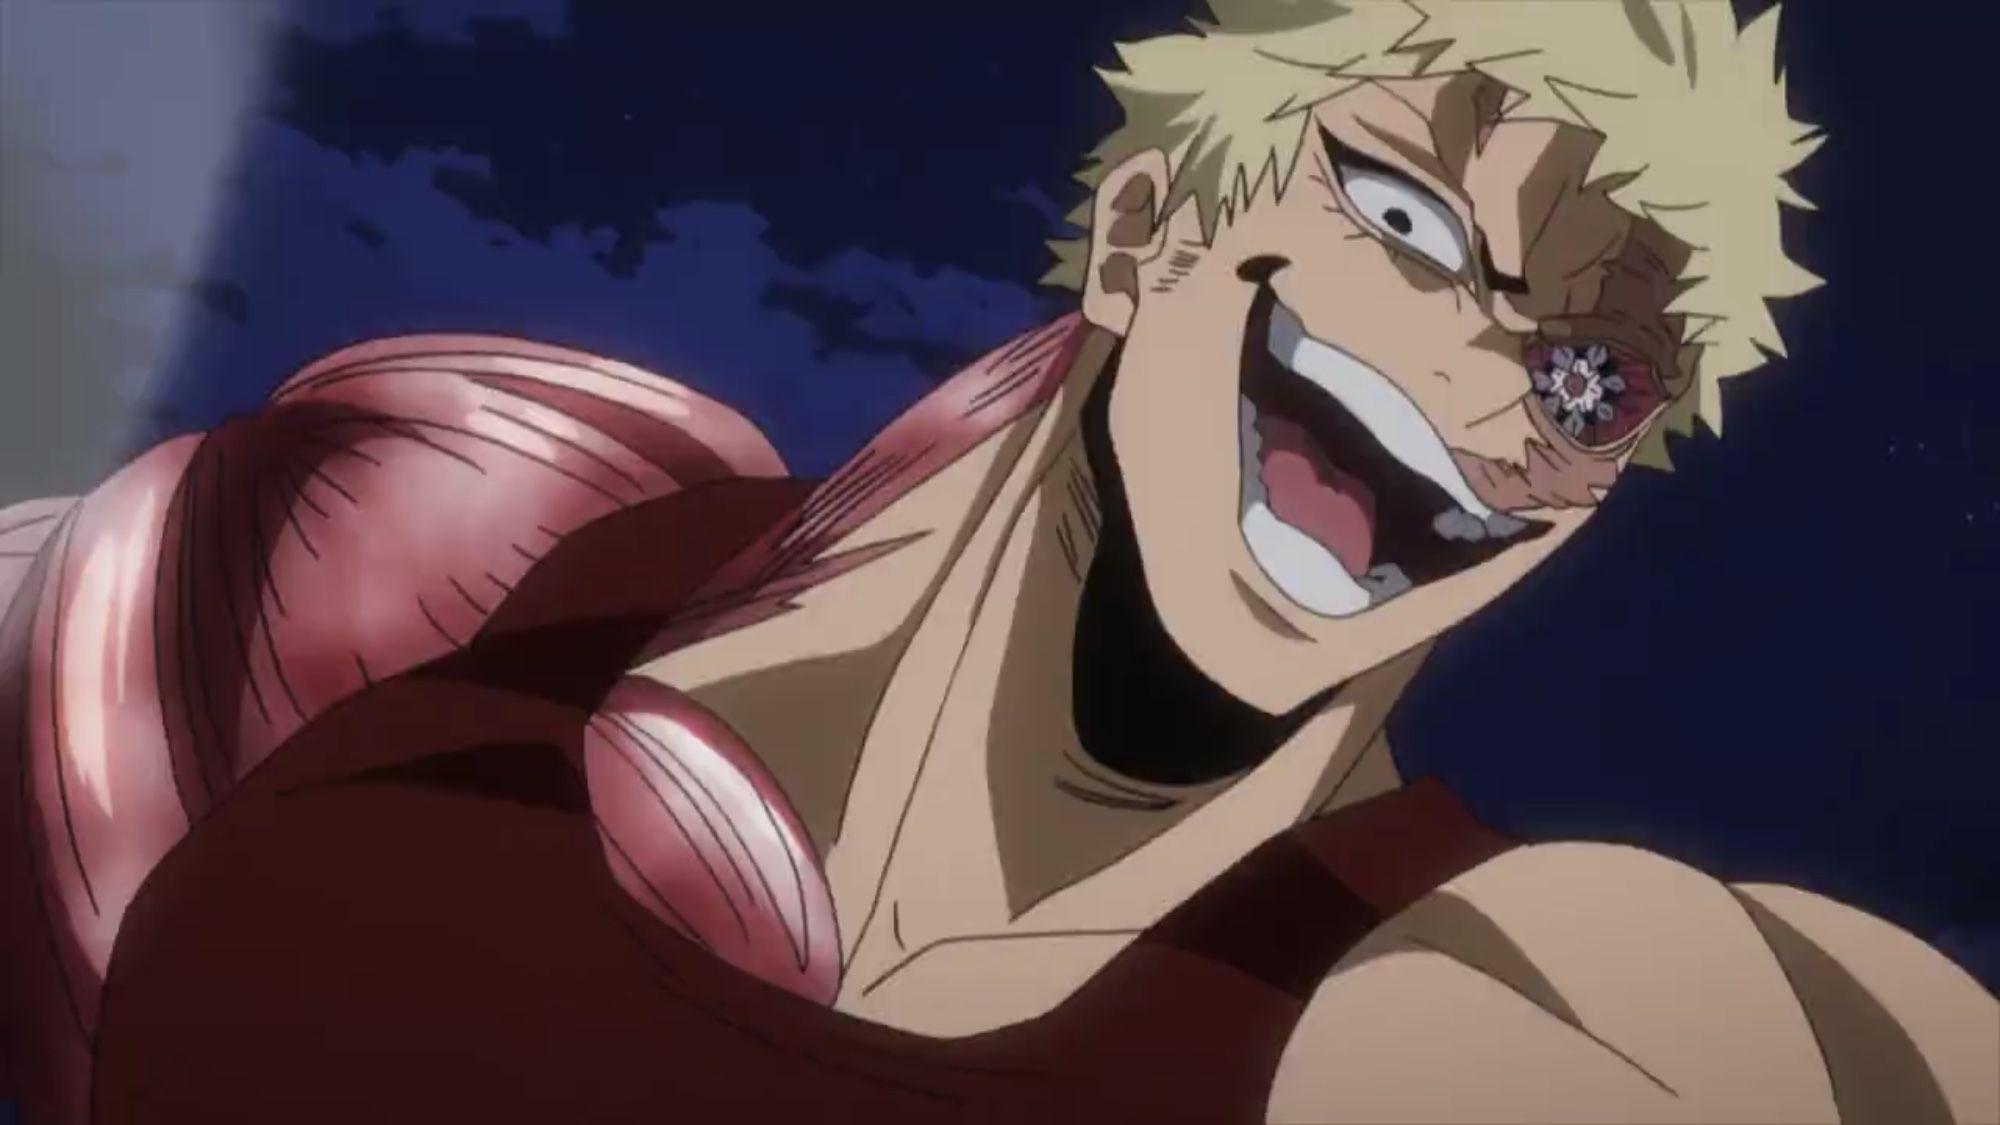 Muscular || Boku no Hero Academia | Hero, Boku no hero academia, My hero  academia